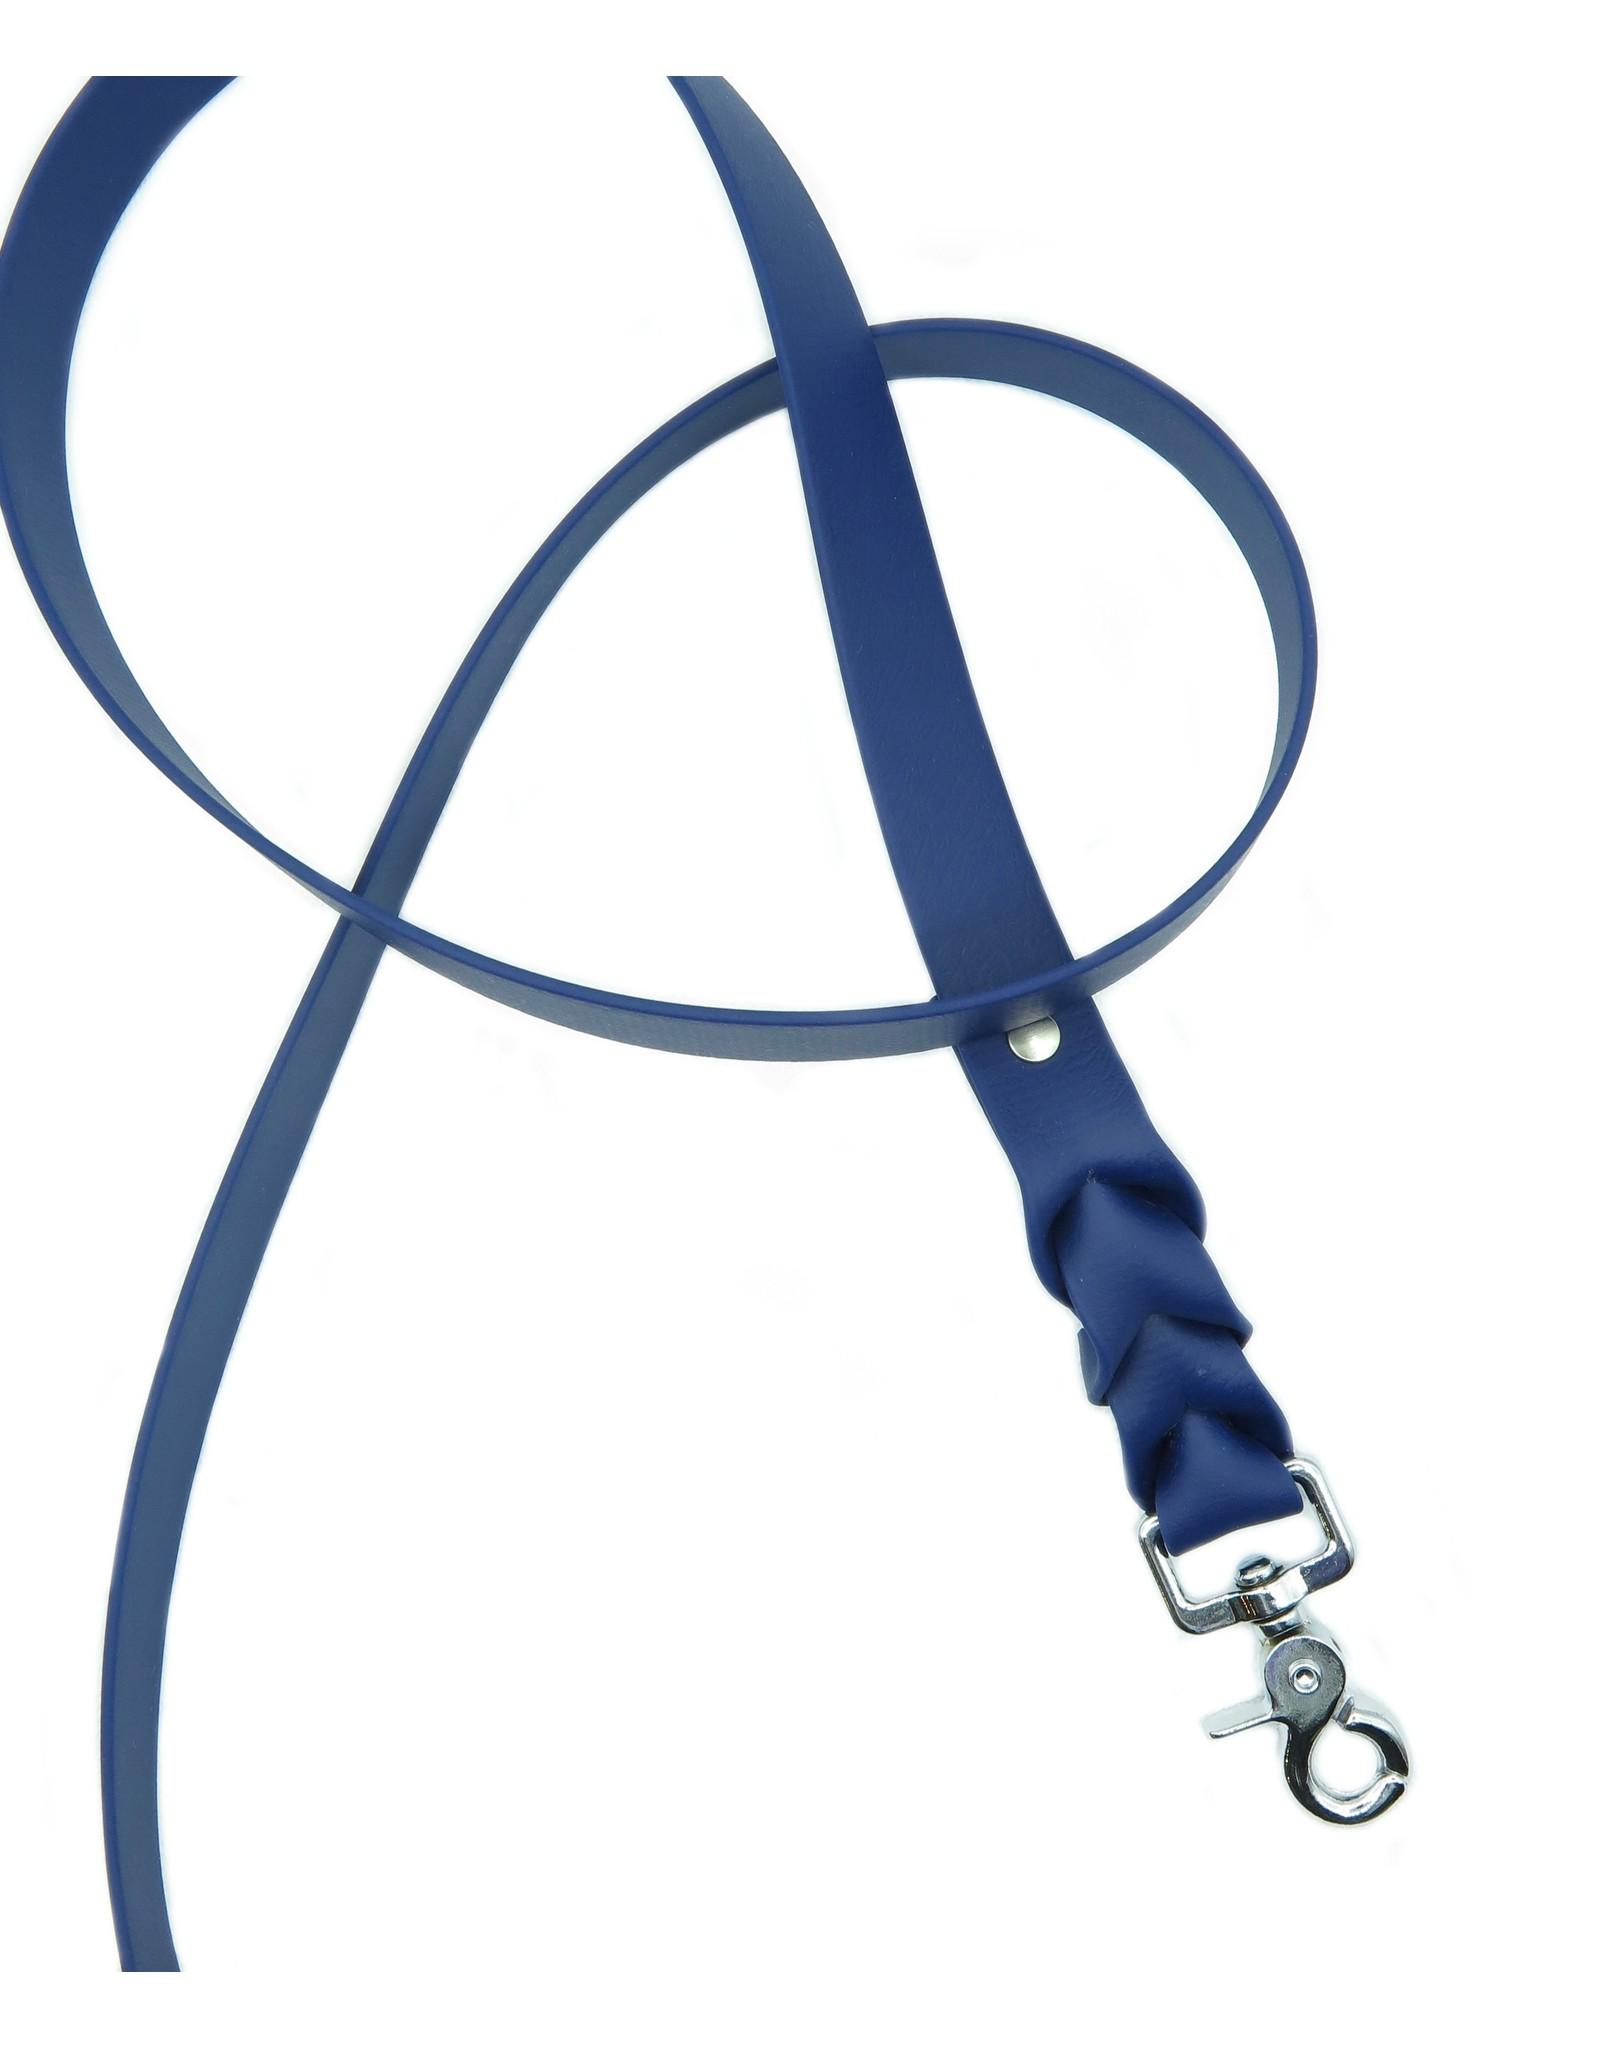 Biothane adjustable dark blue set